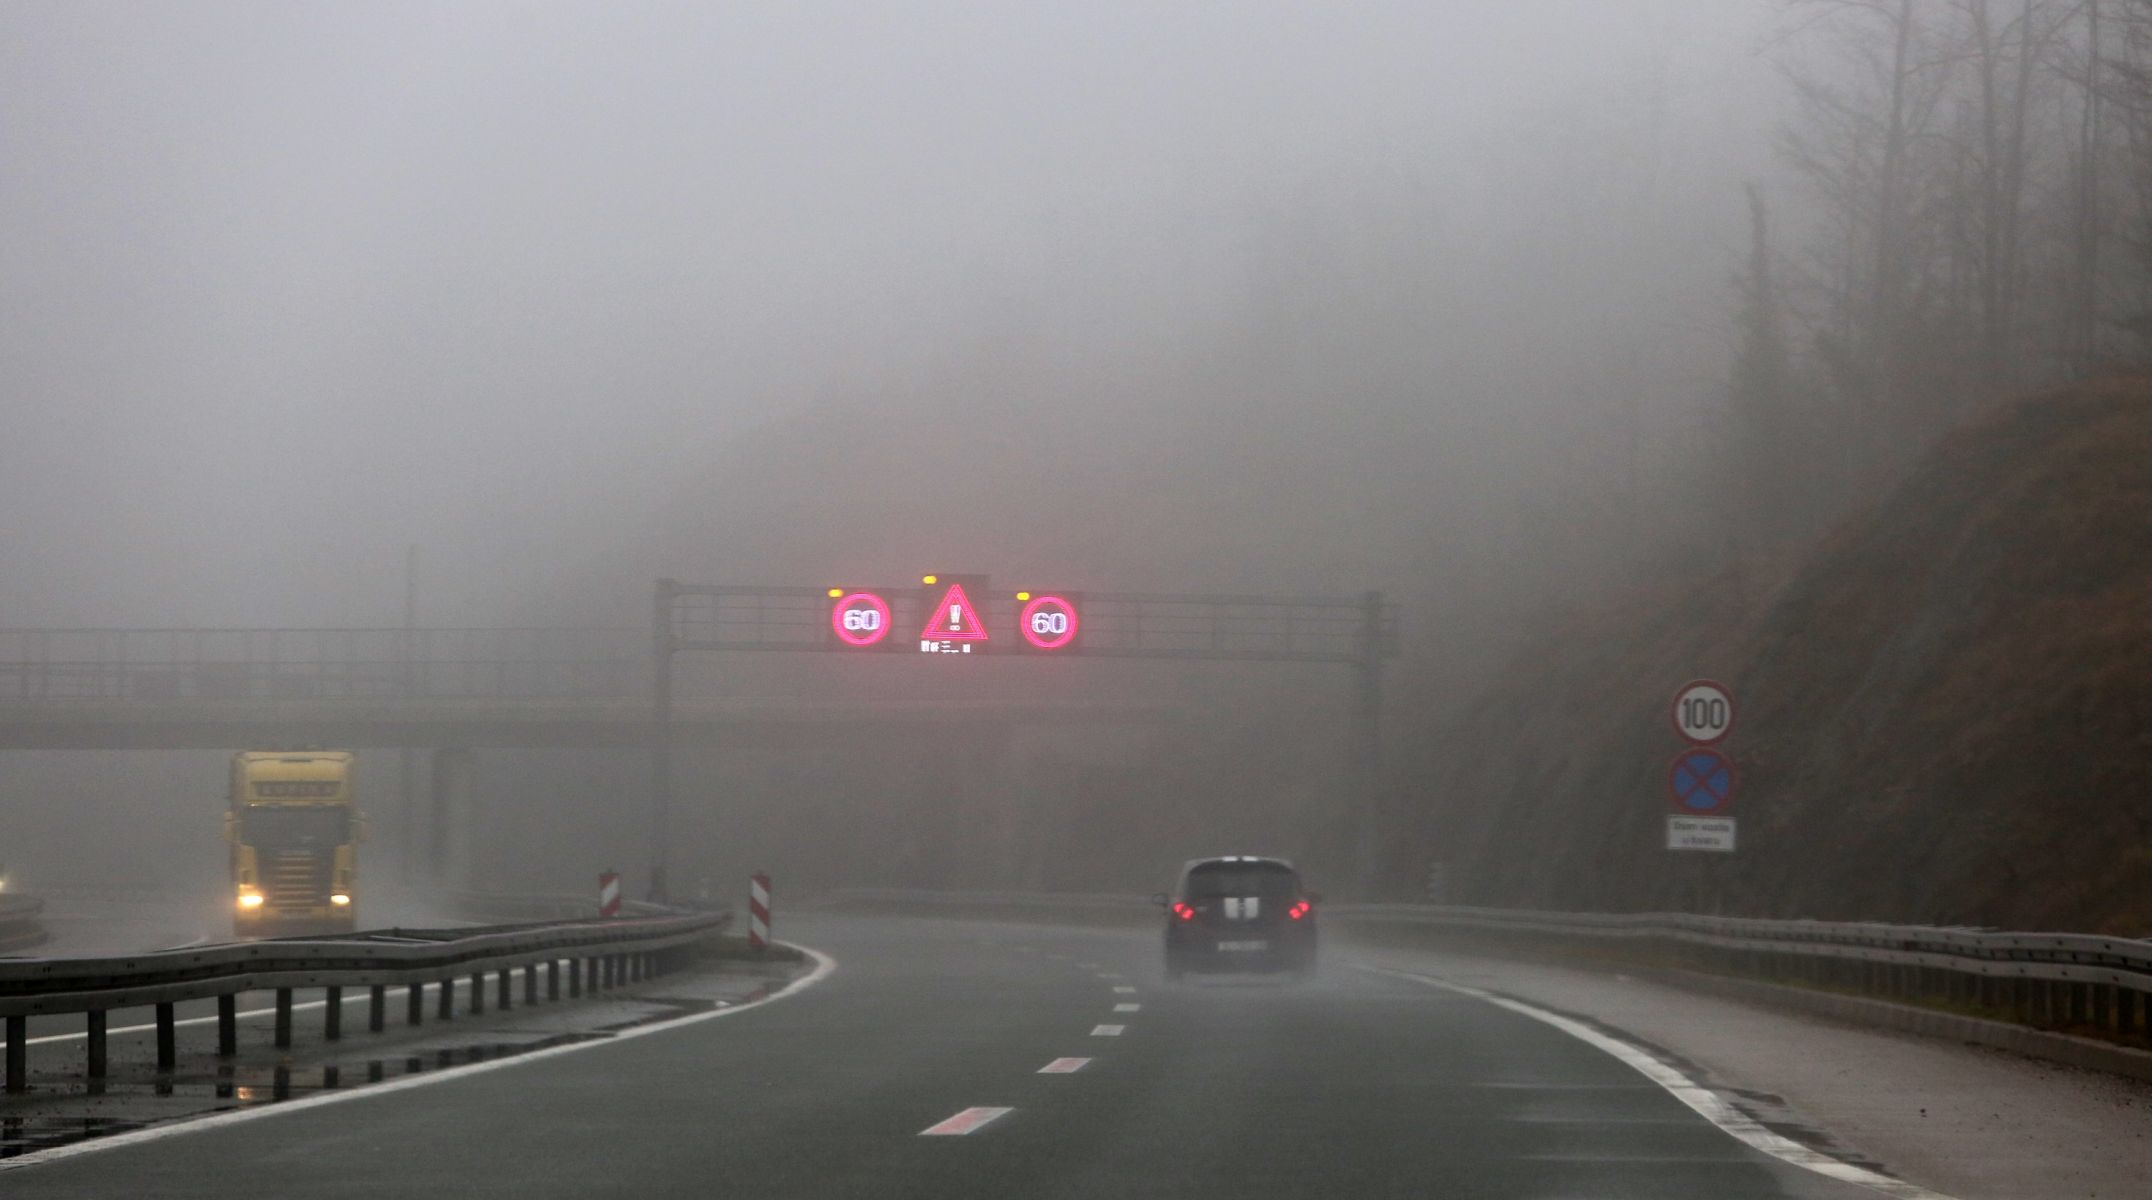 HAK Magla ponegdje usporava vožnju